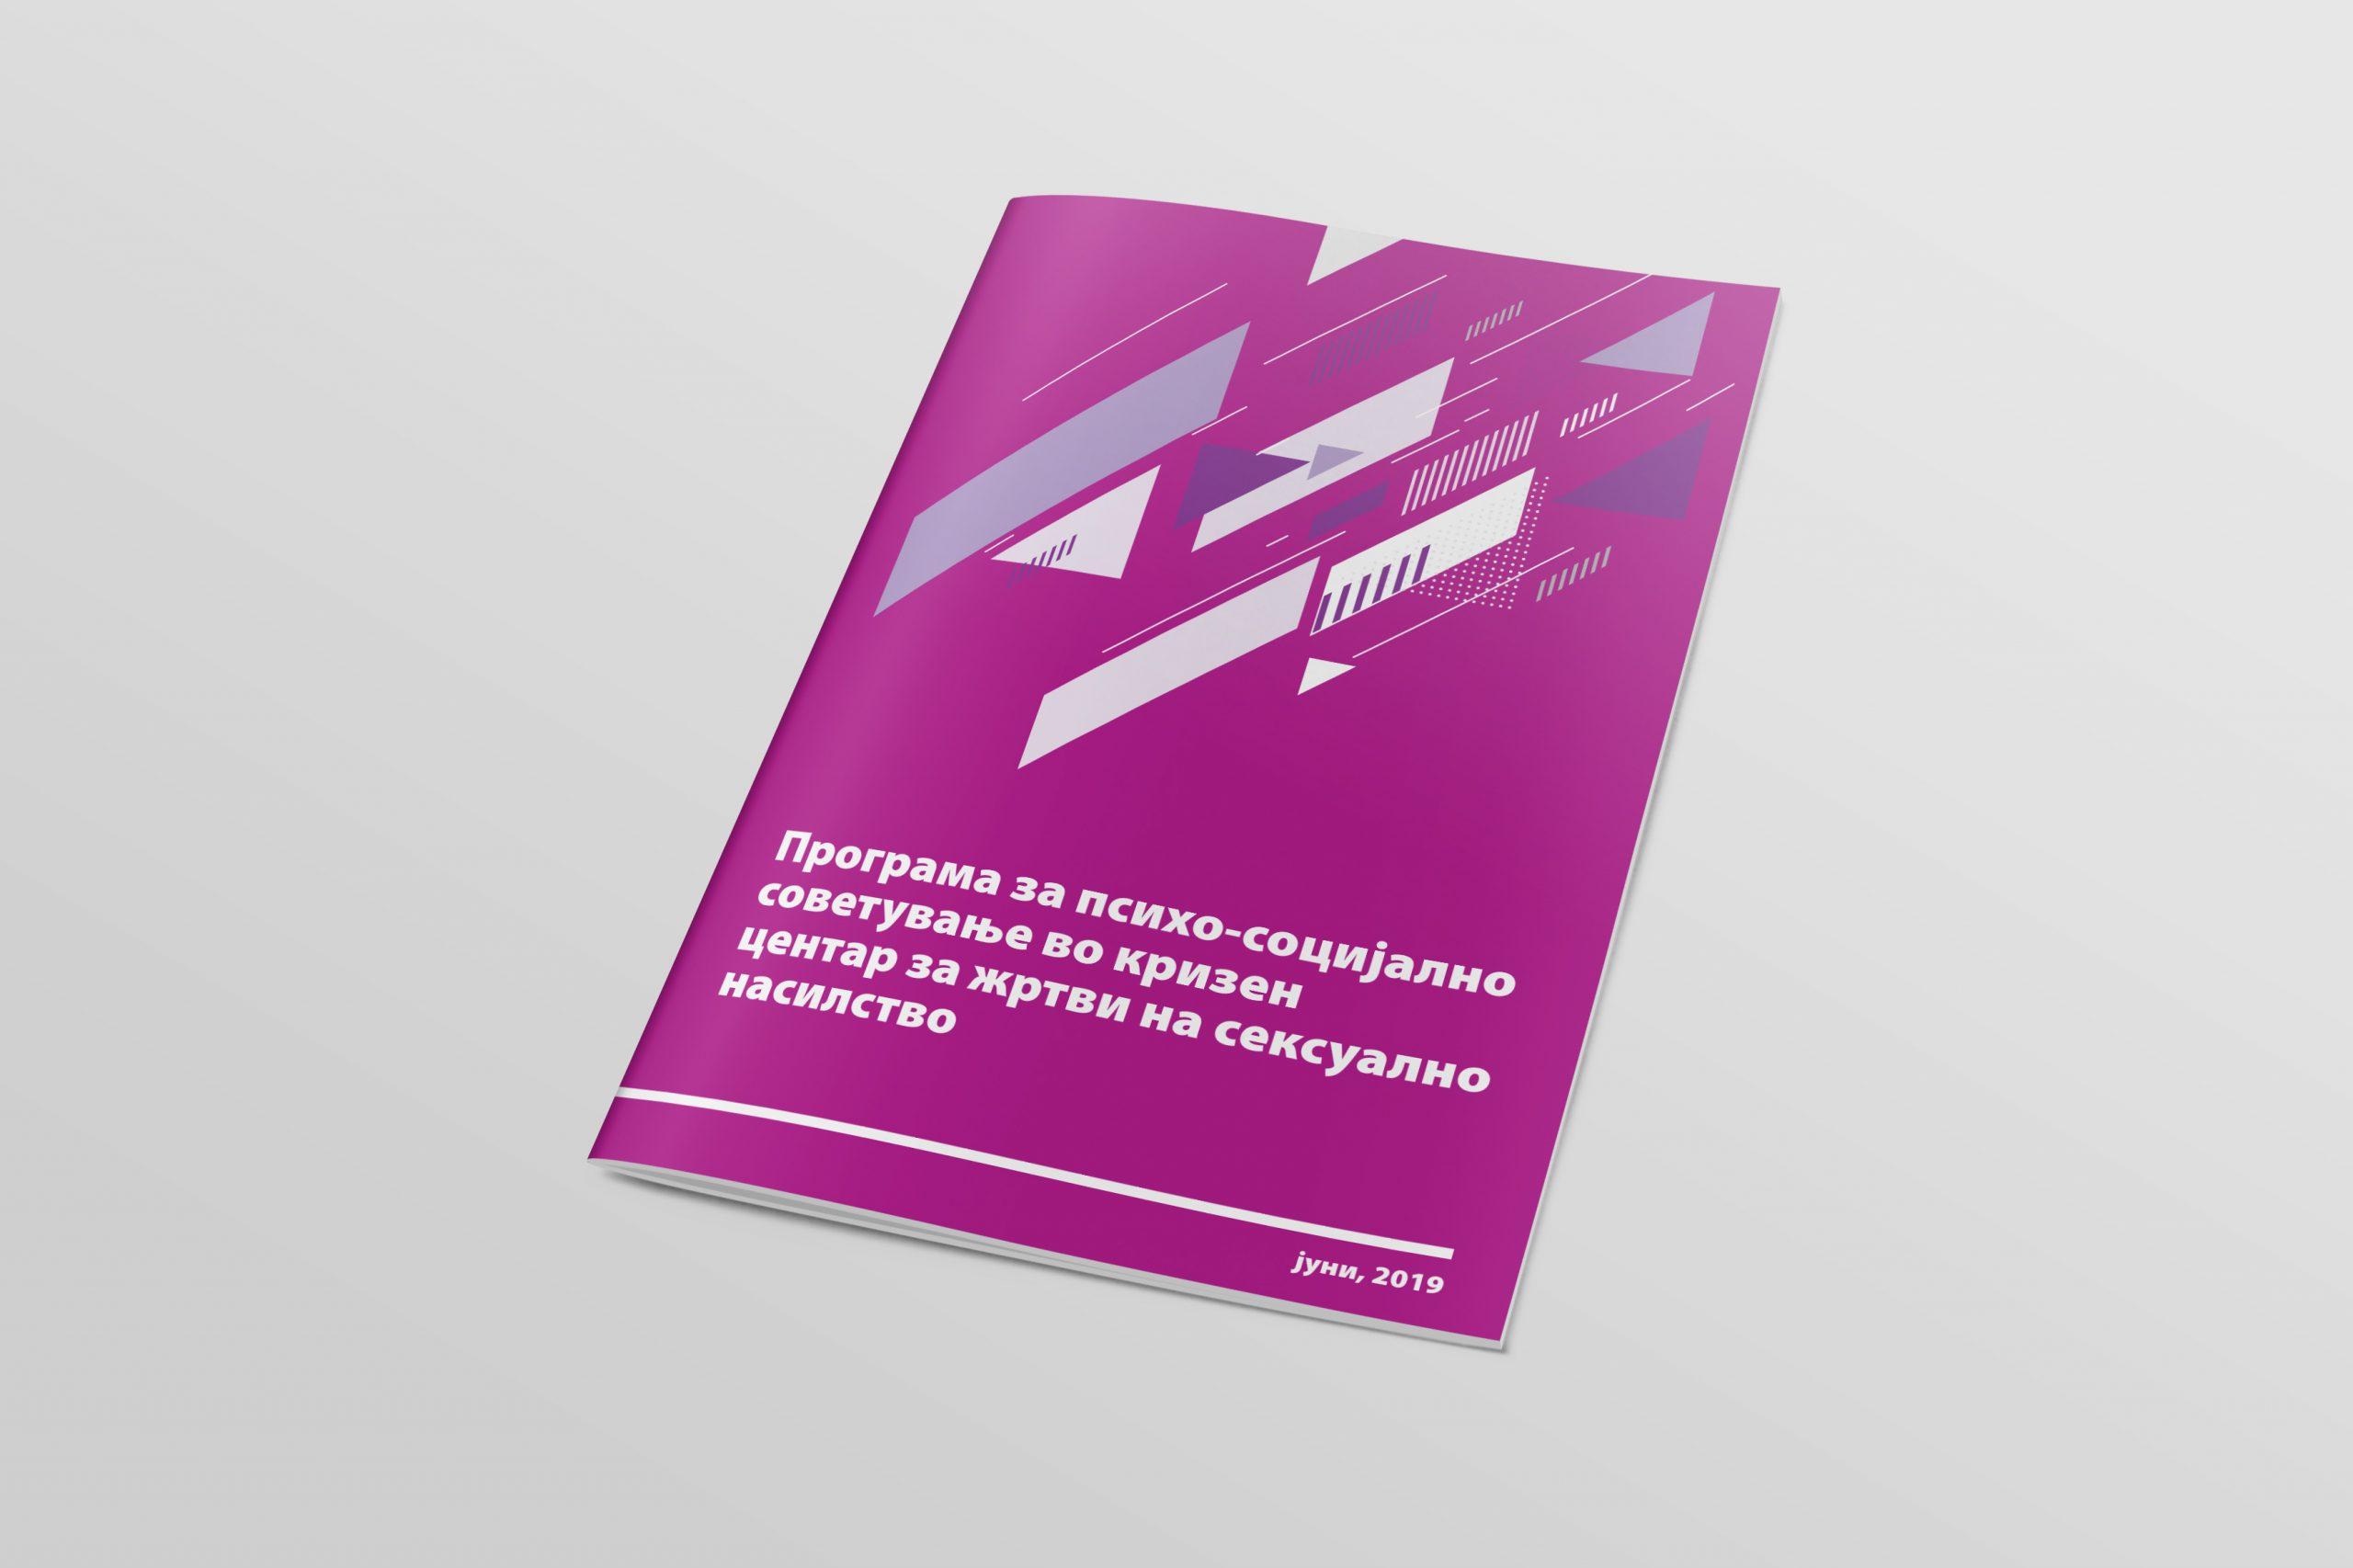 Кои се инвестициите и минималните стандарди за заштита од родово засновано и семејно насилство?